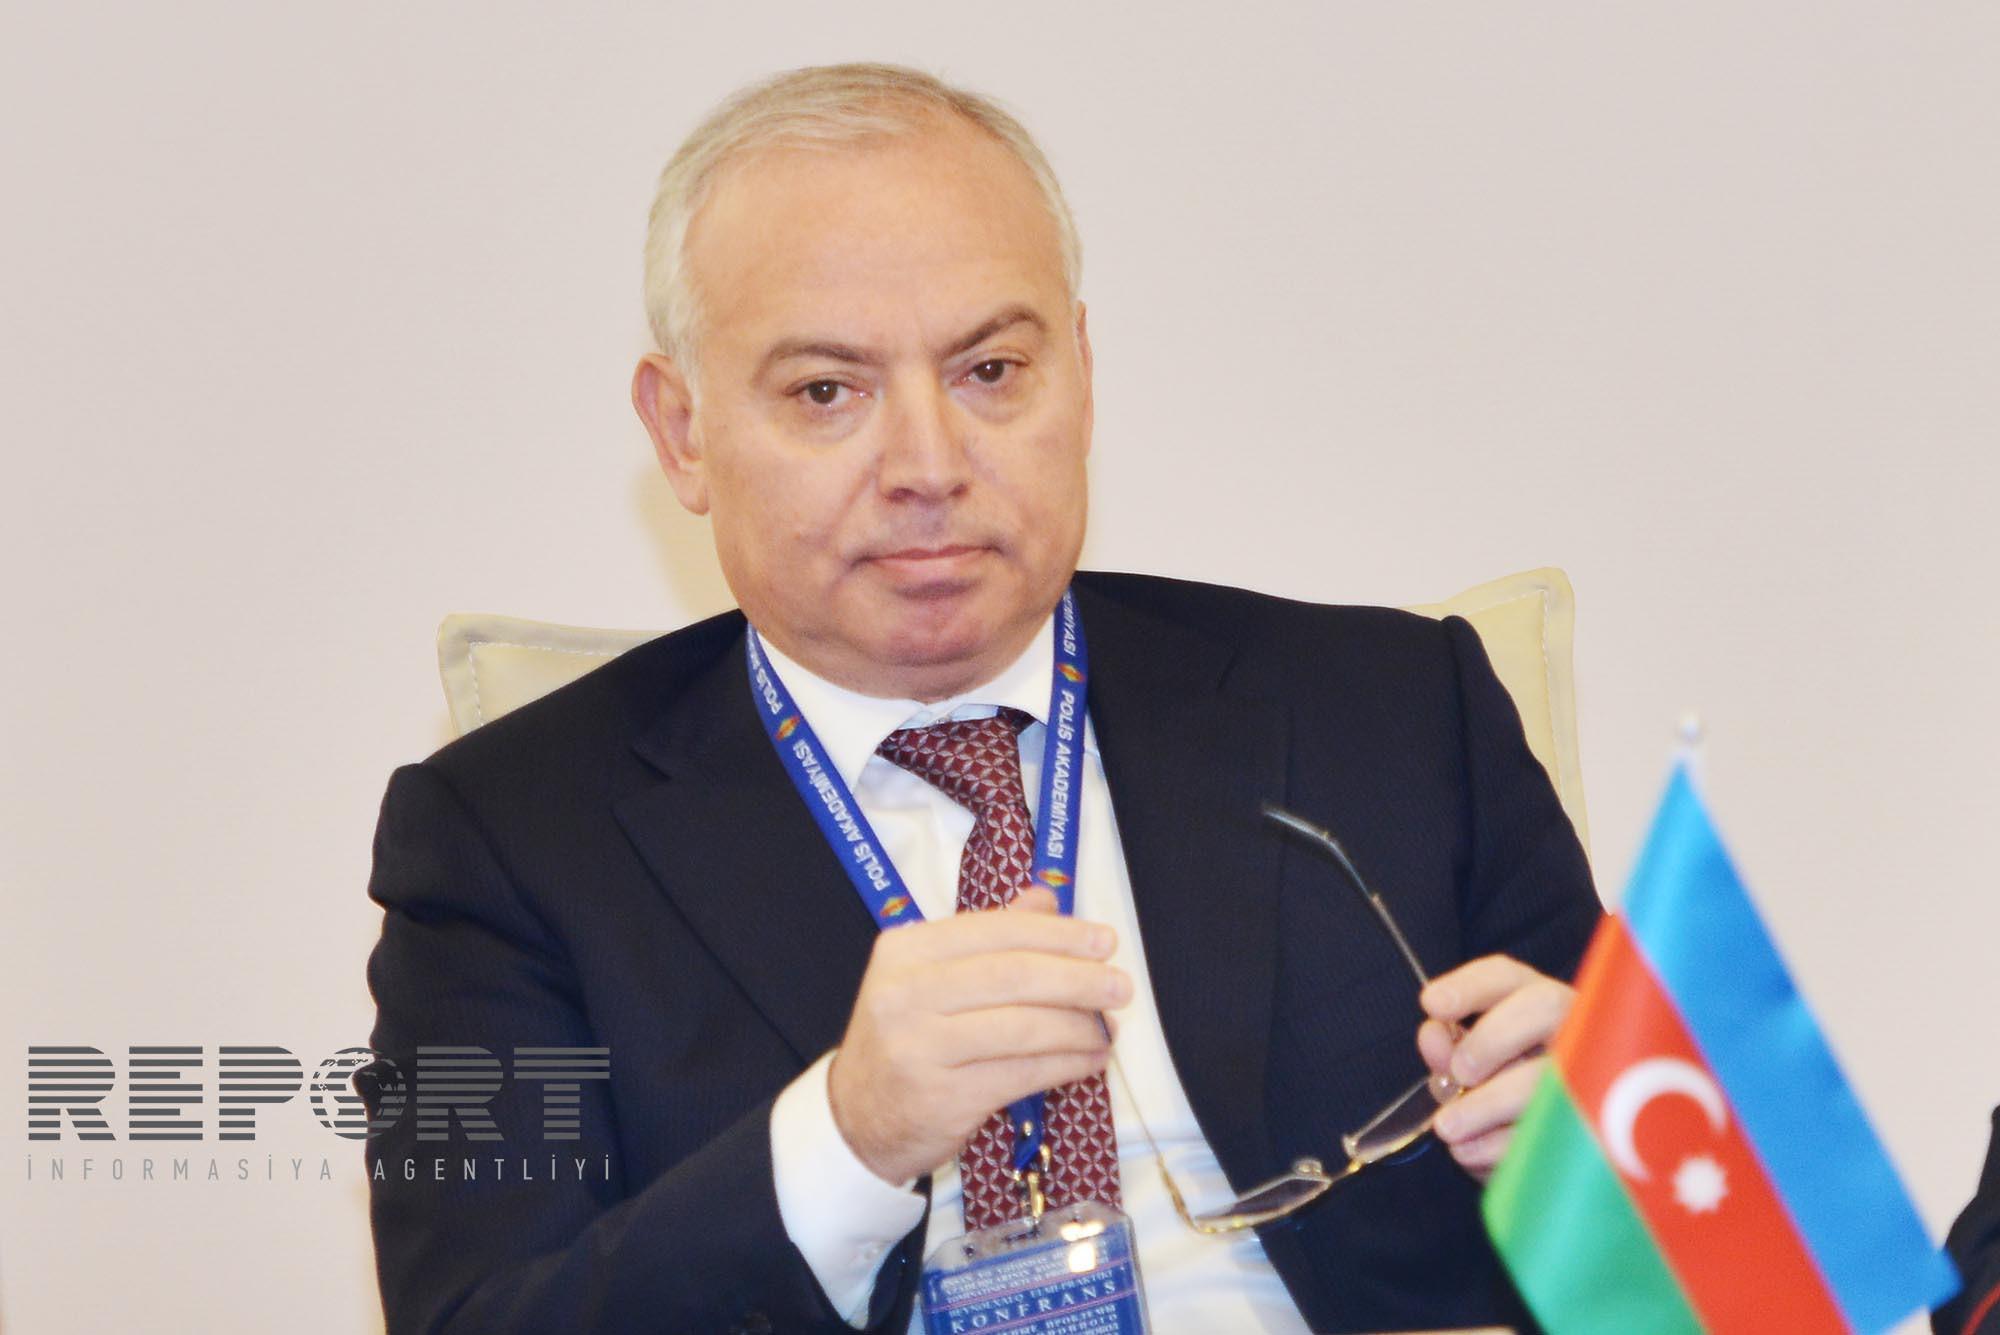 Председатель Конституционного суда: Стабильность позволяет, чтобы выборы прошли прозрачно